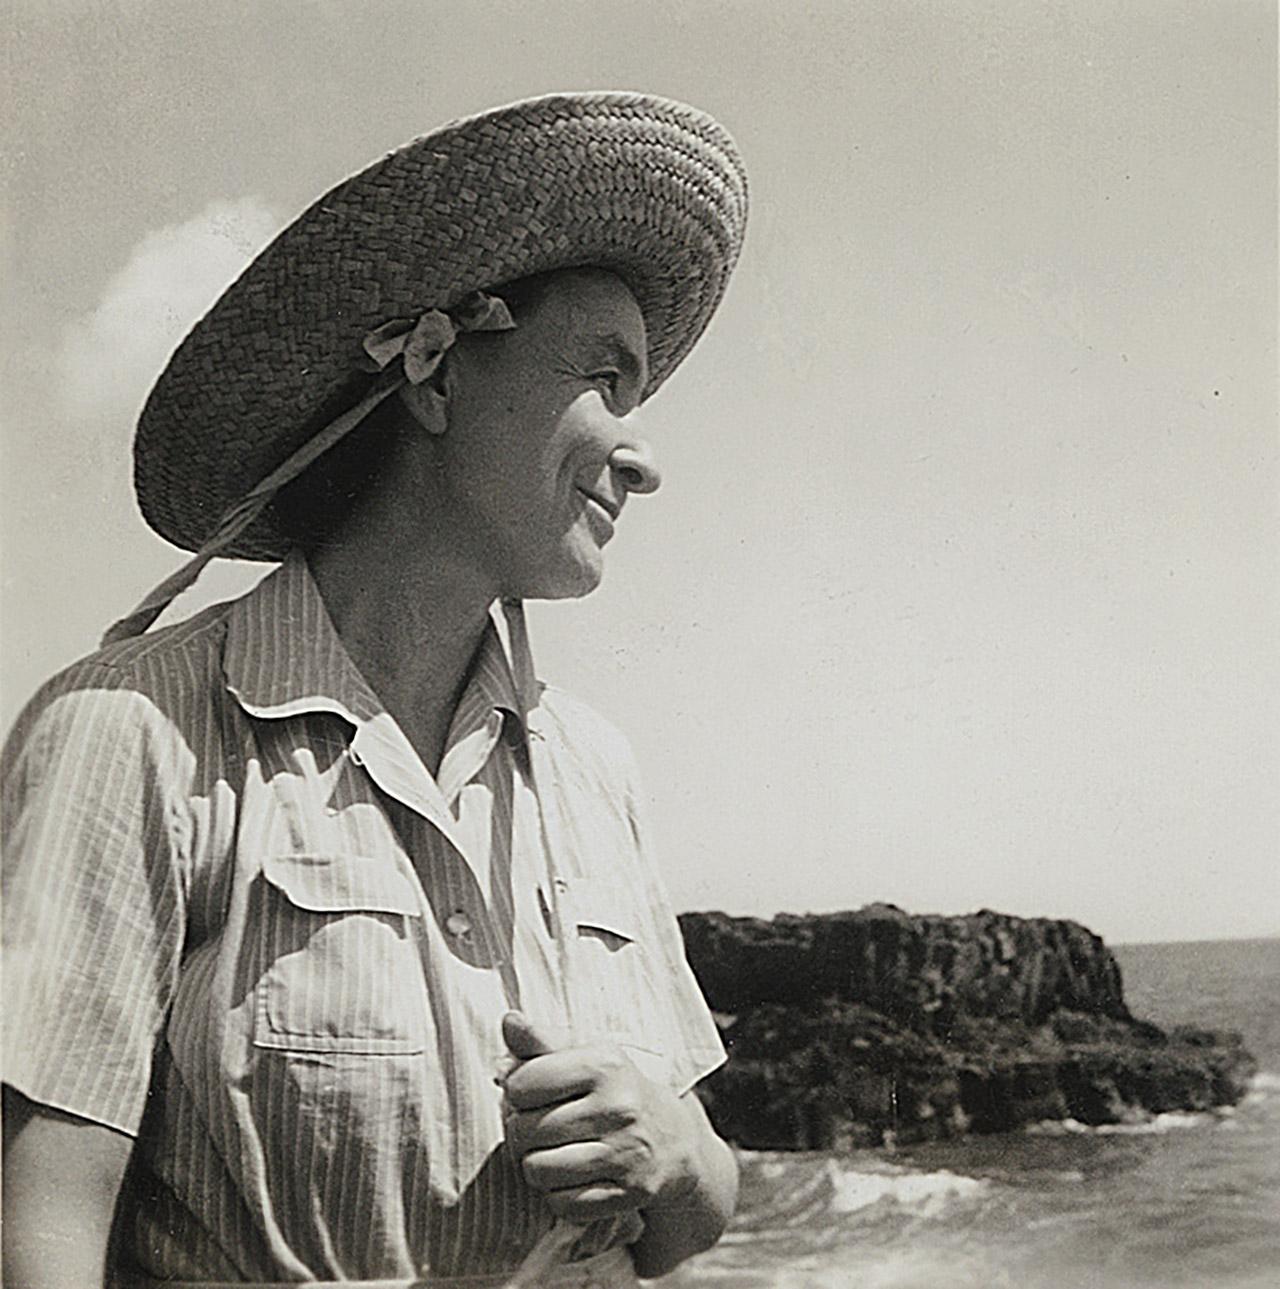 Georgia O'Keeffe photo